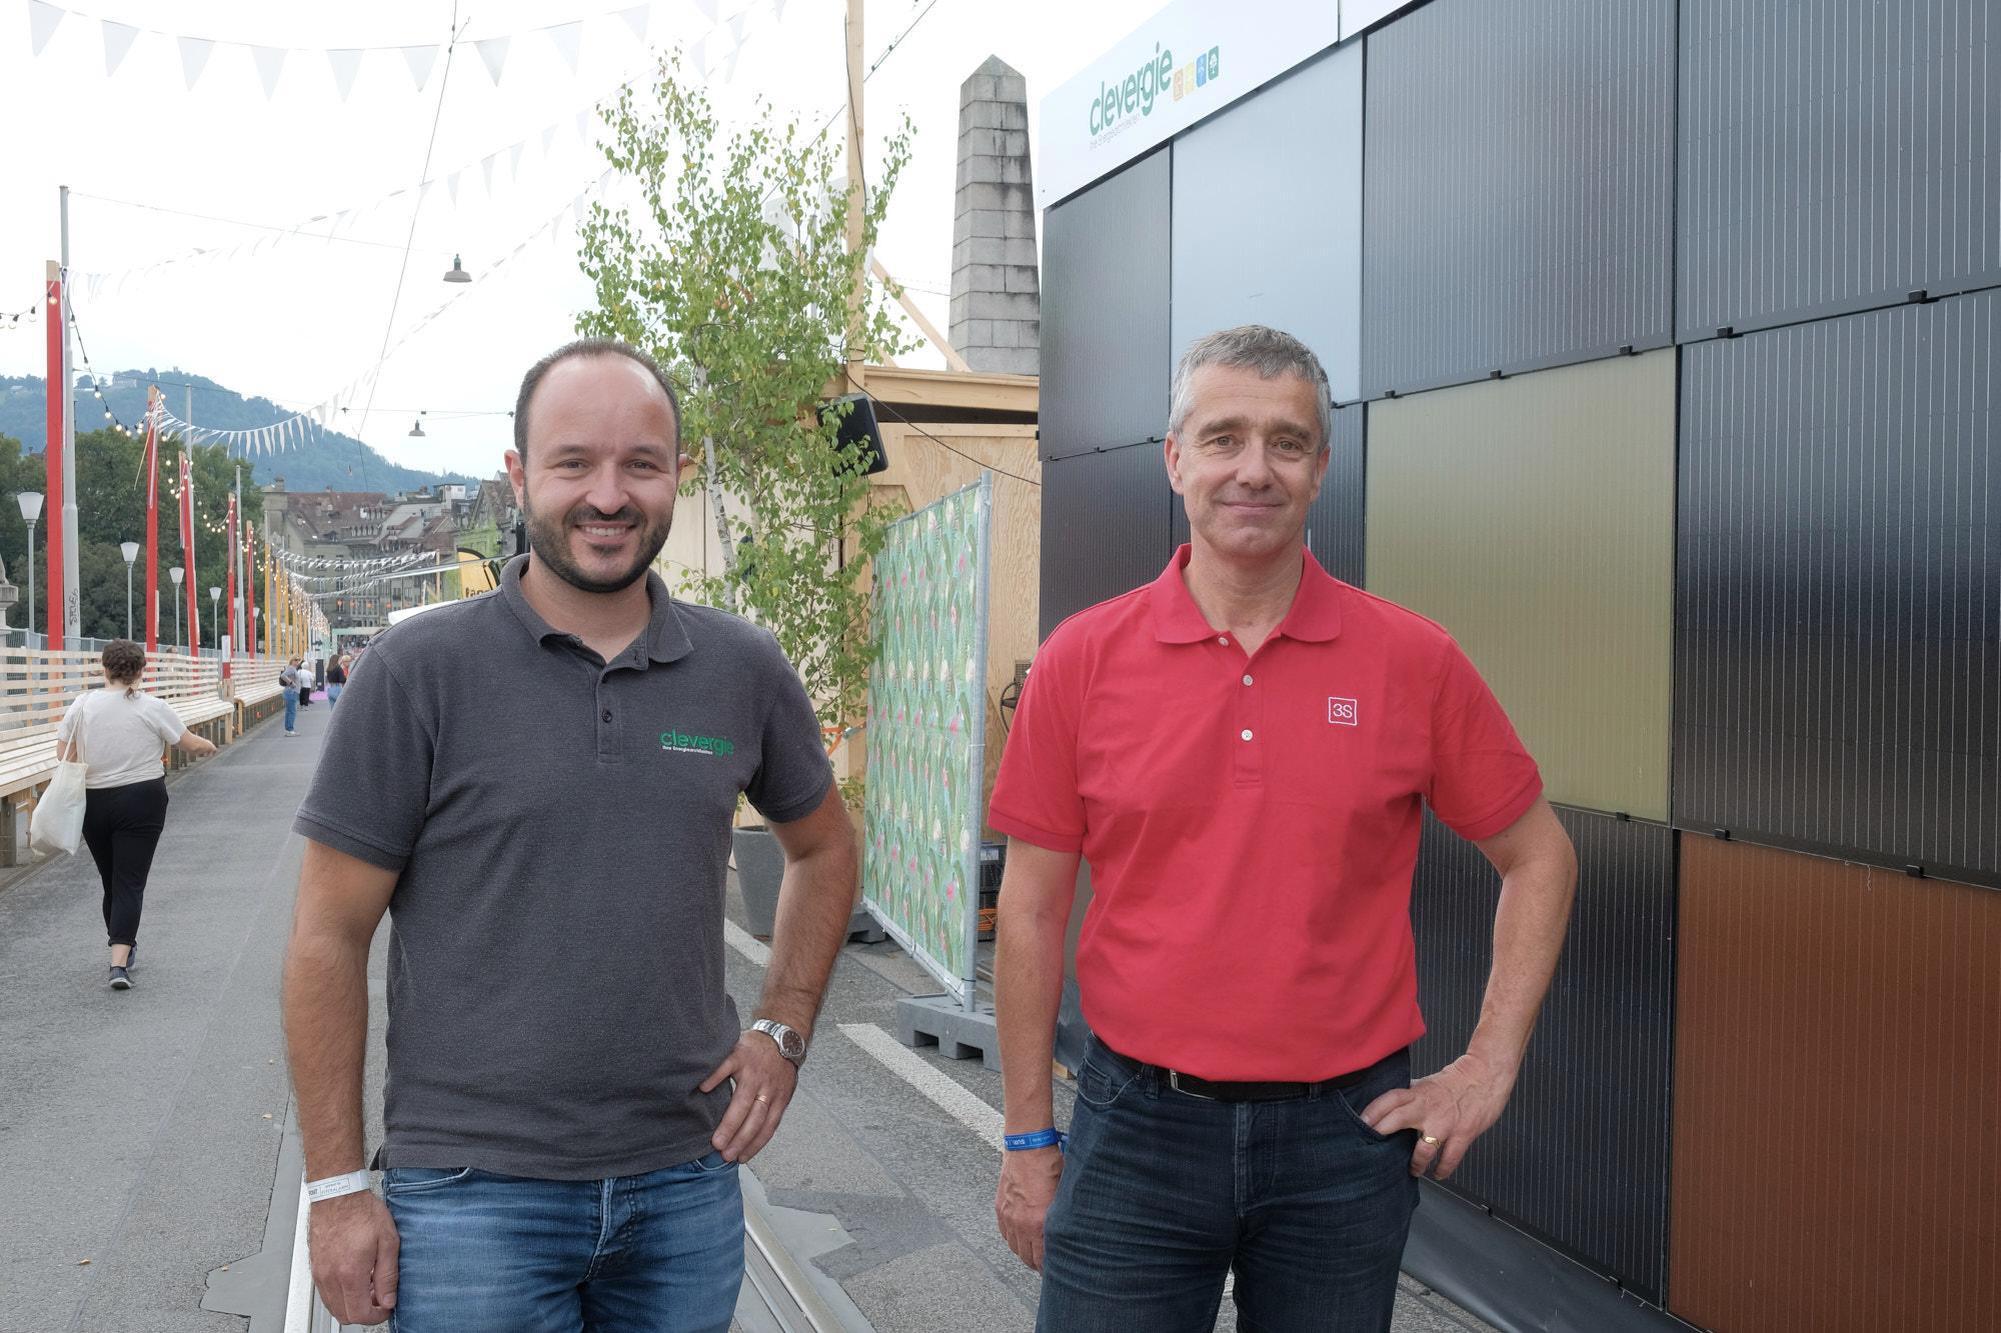 Lukas Meister (à gauche), de Clevergie.ch, et Patrick Hofer-Noser, de 3S Solar Plus SA, ont installé en quelques jours seulement les modules solaires pour le festival «Sur le Pont». Photo: Jan Graber